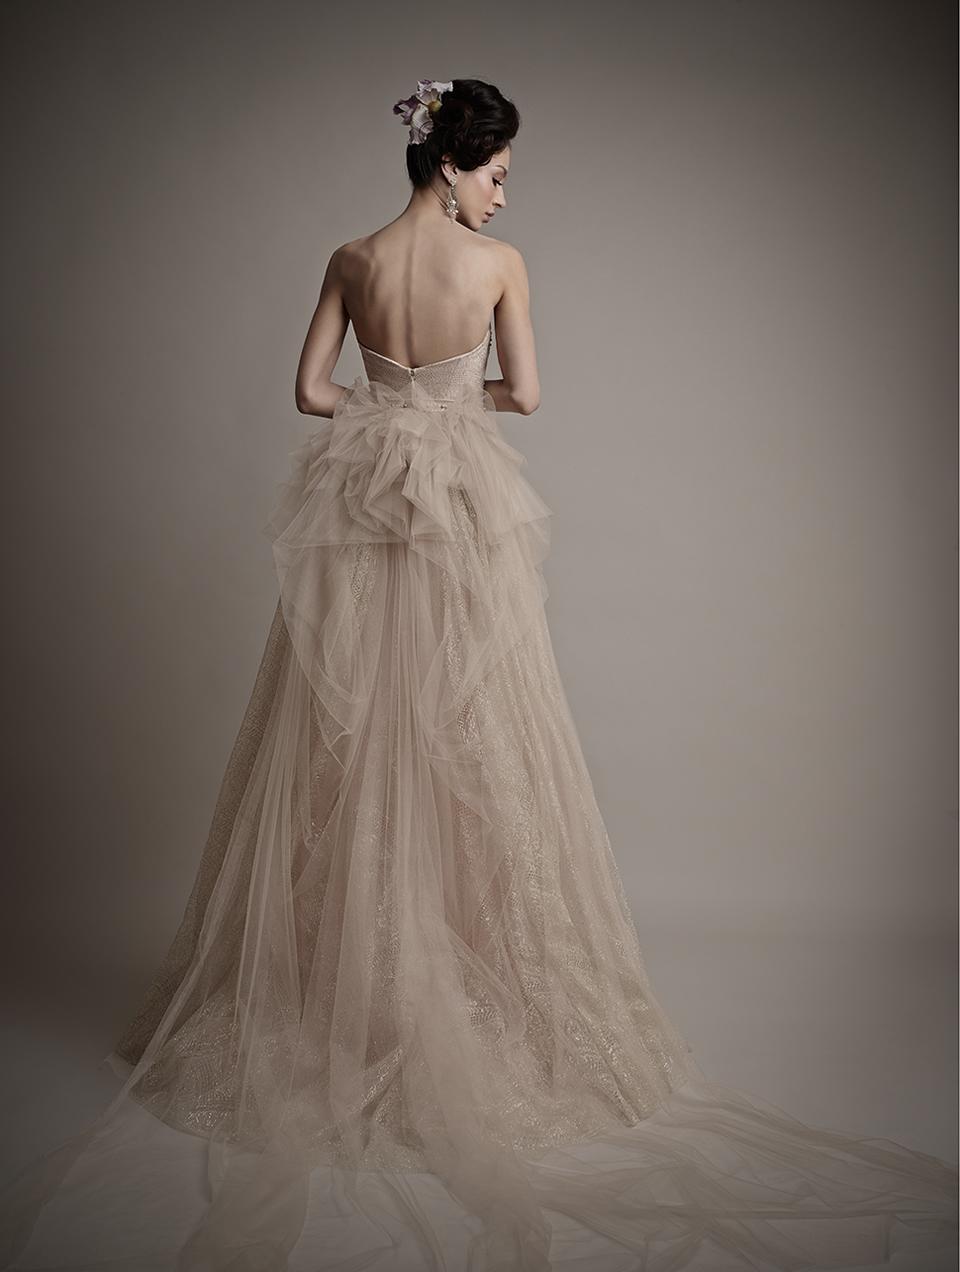 Коллекция свадебных платьев 2015 года от Ersa Atelier15-1